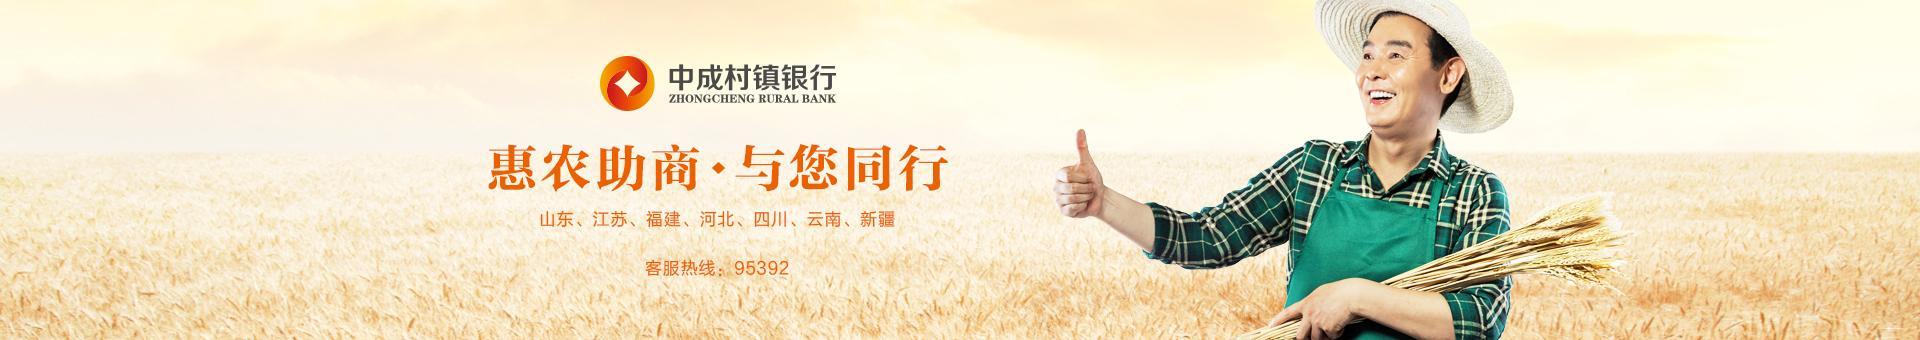 中成村镇银行